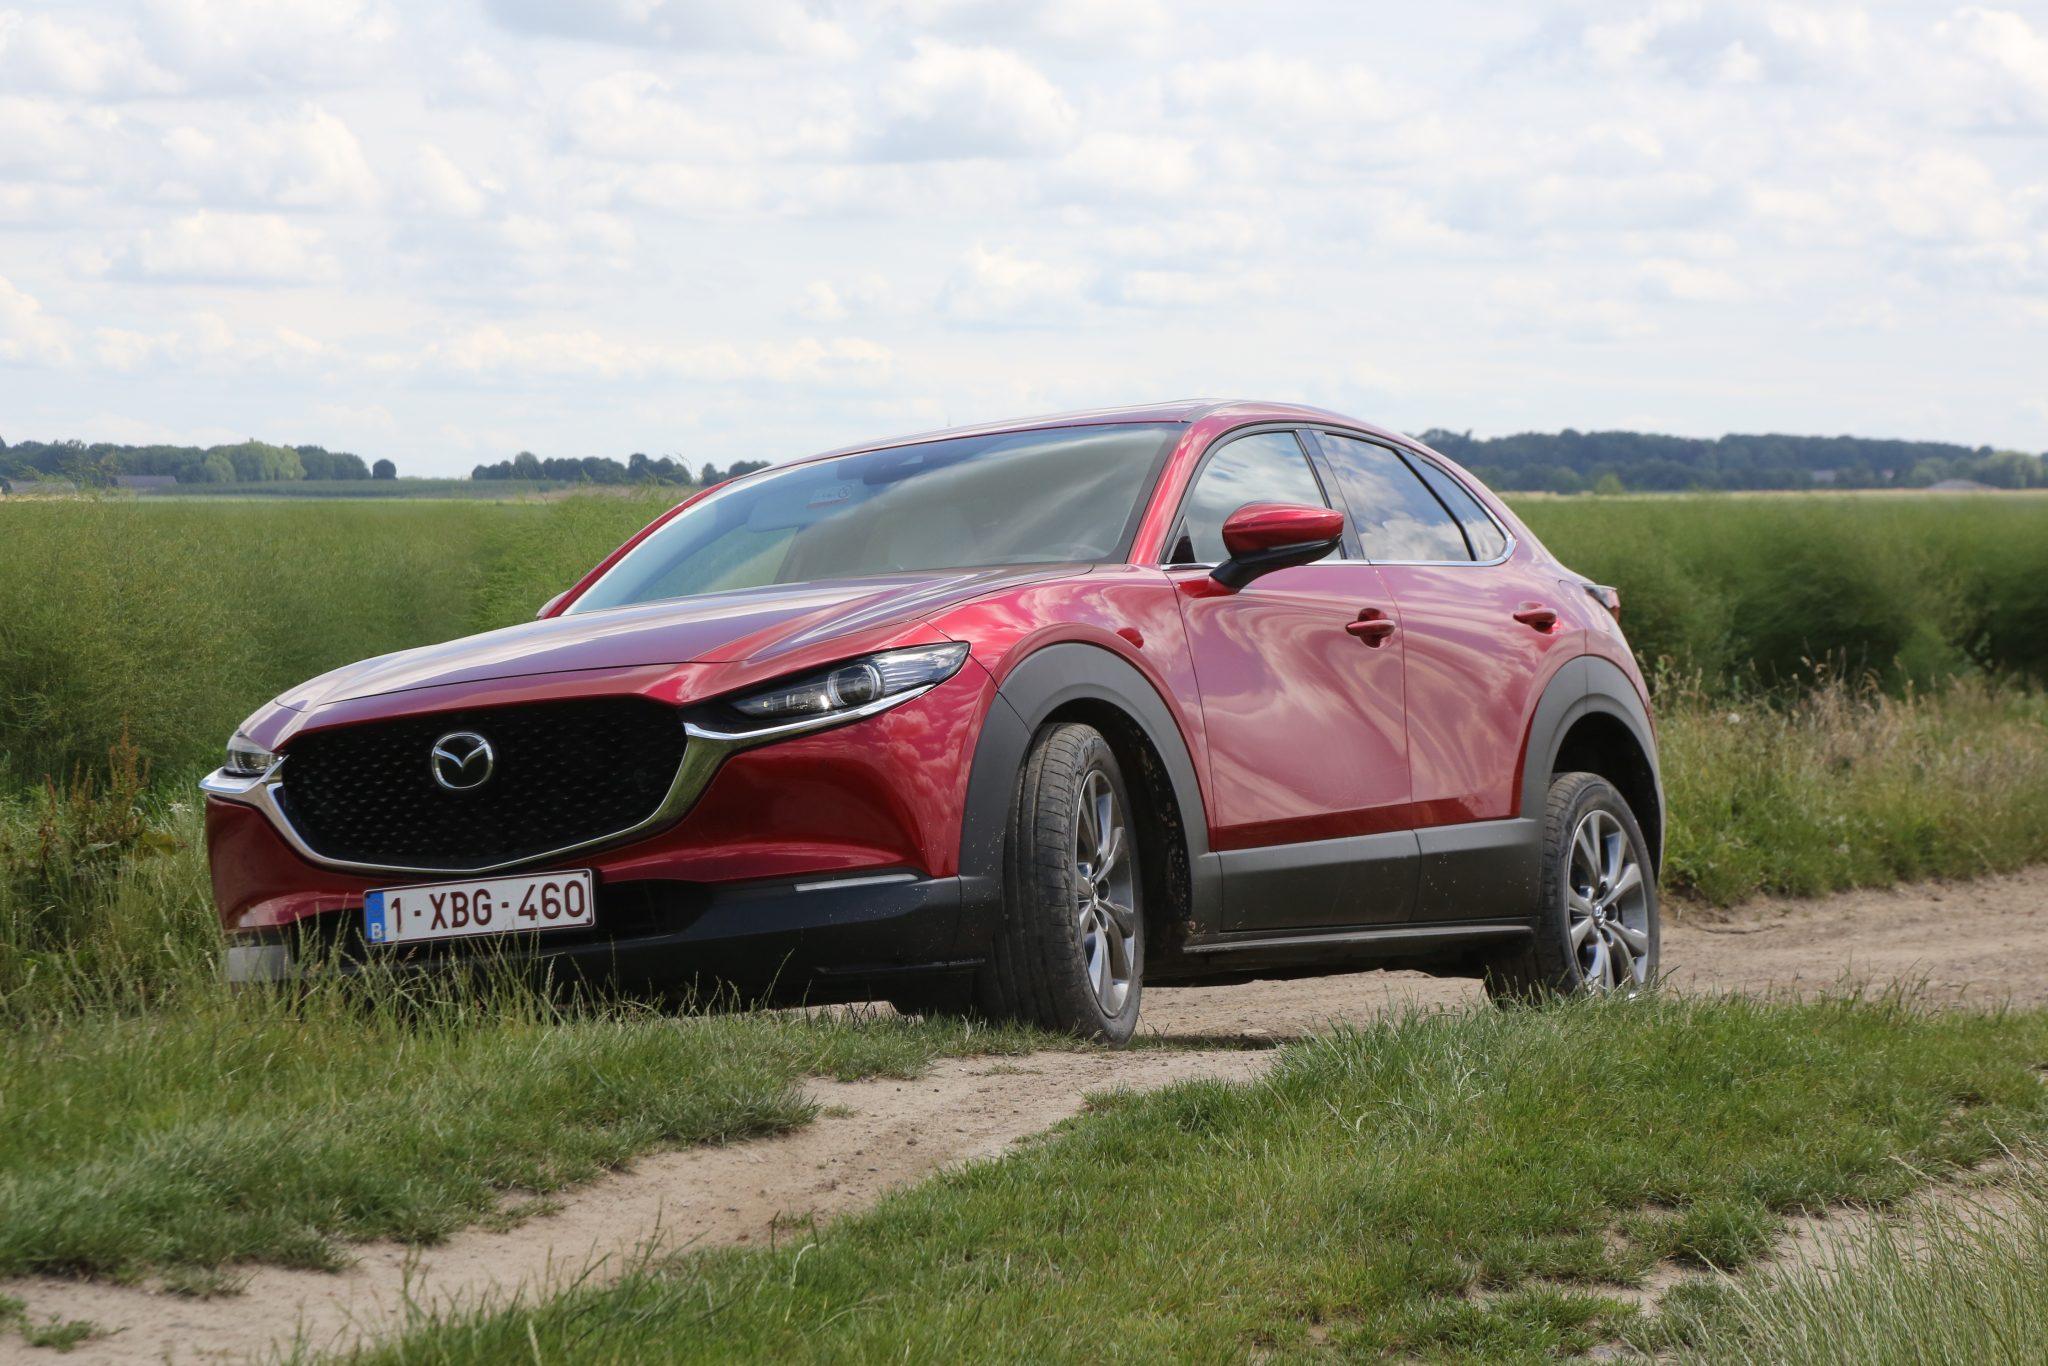 Essai Mazda CX-30 2.0l Skyactiv-X 6MT et 6AT